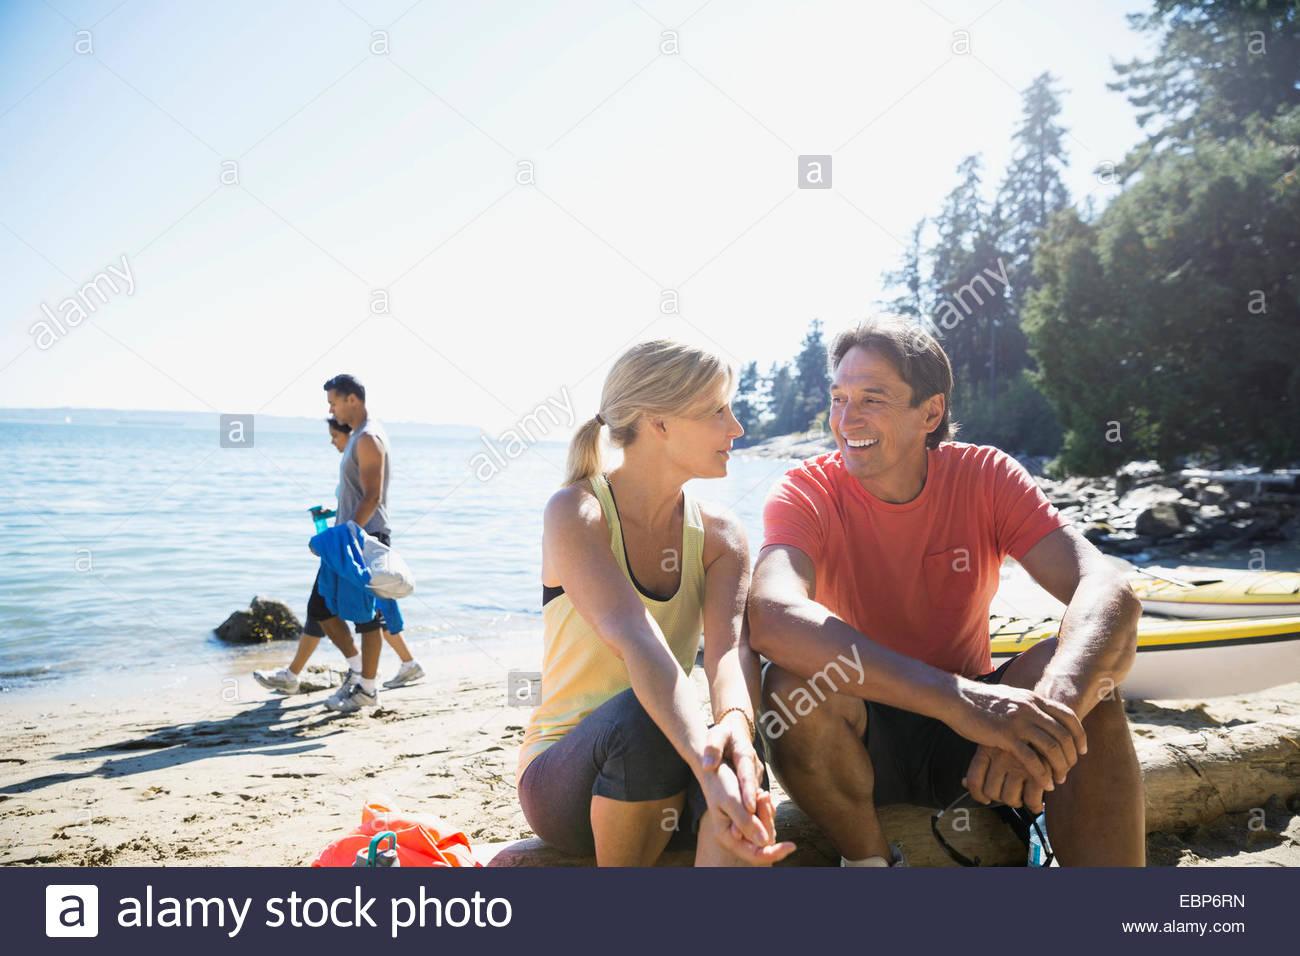 Couple talking on sunny beach - Stock Image